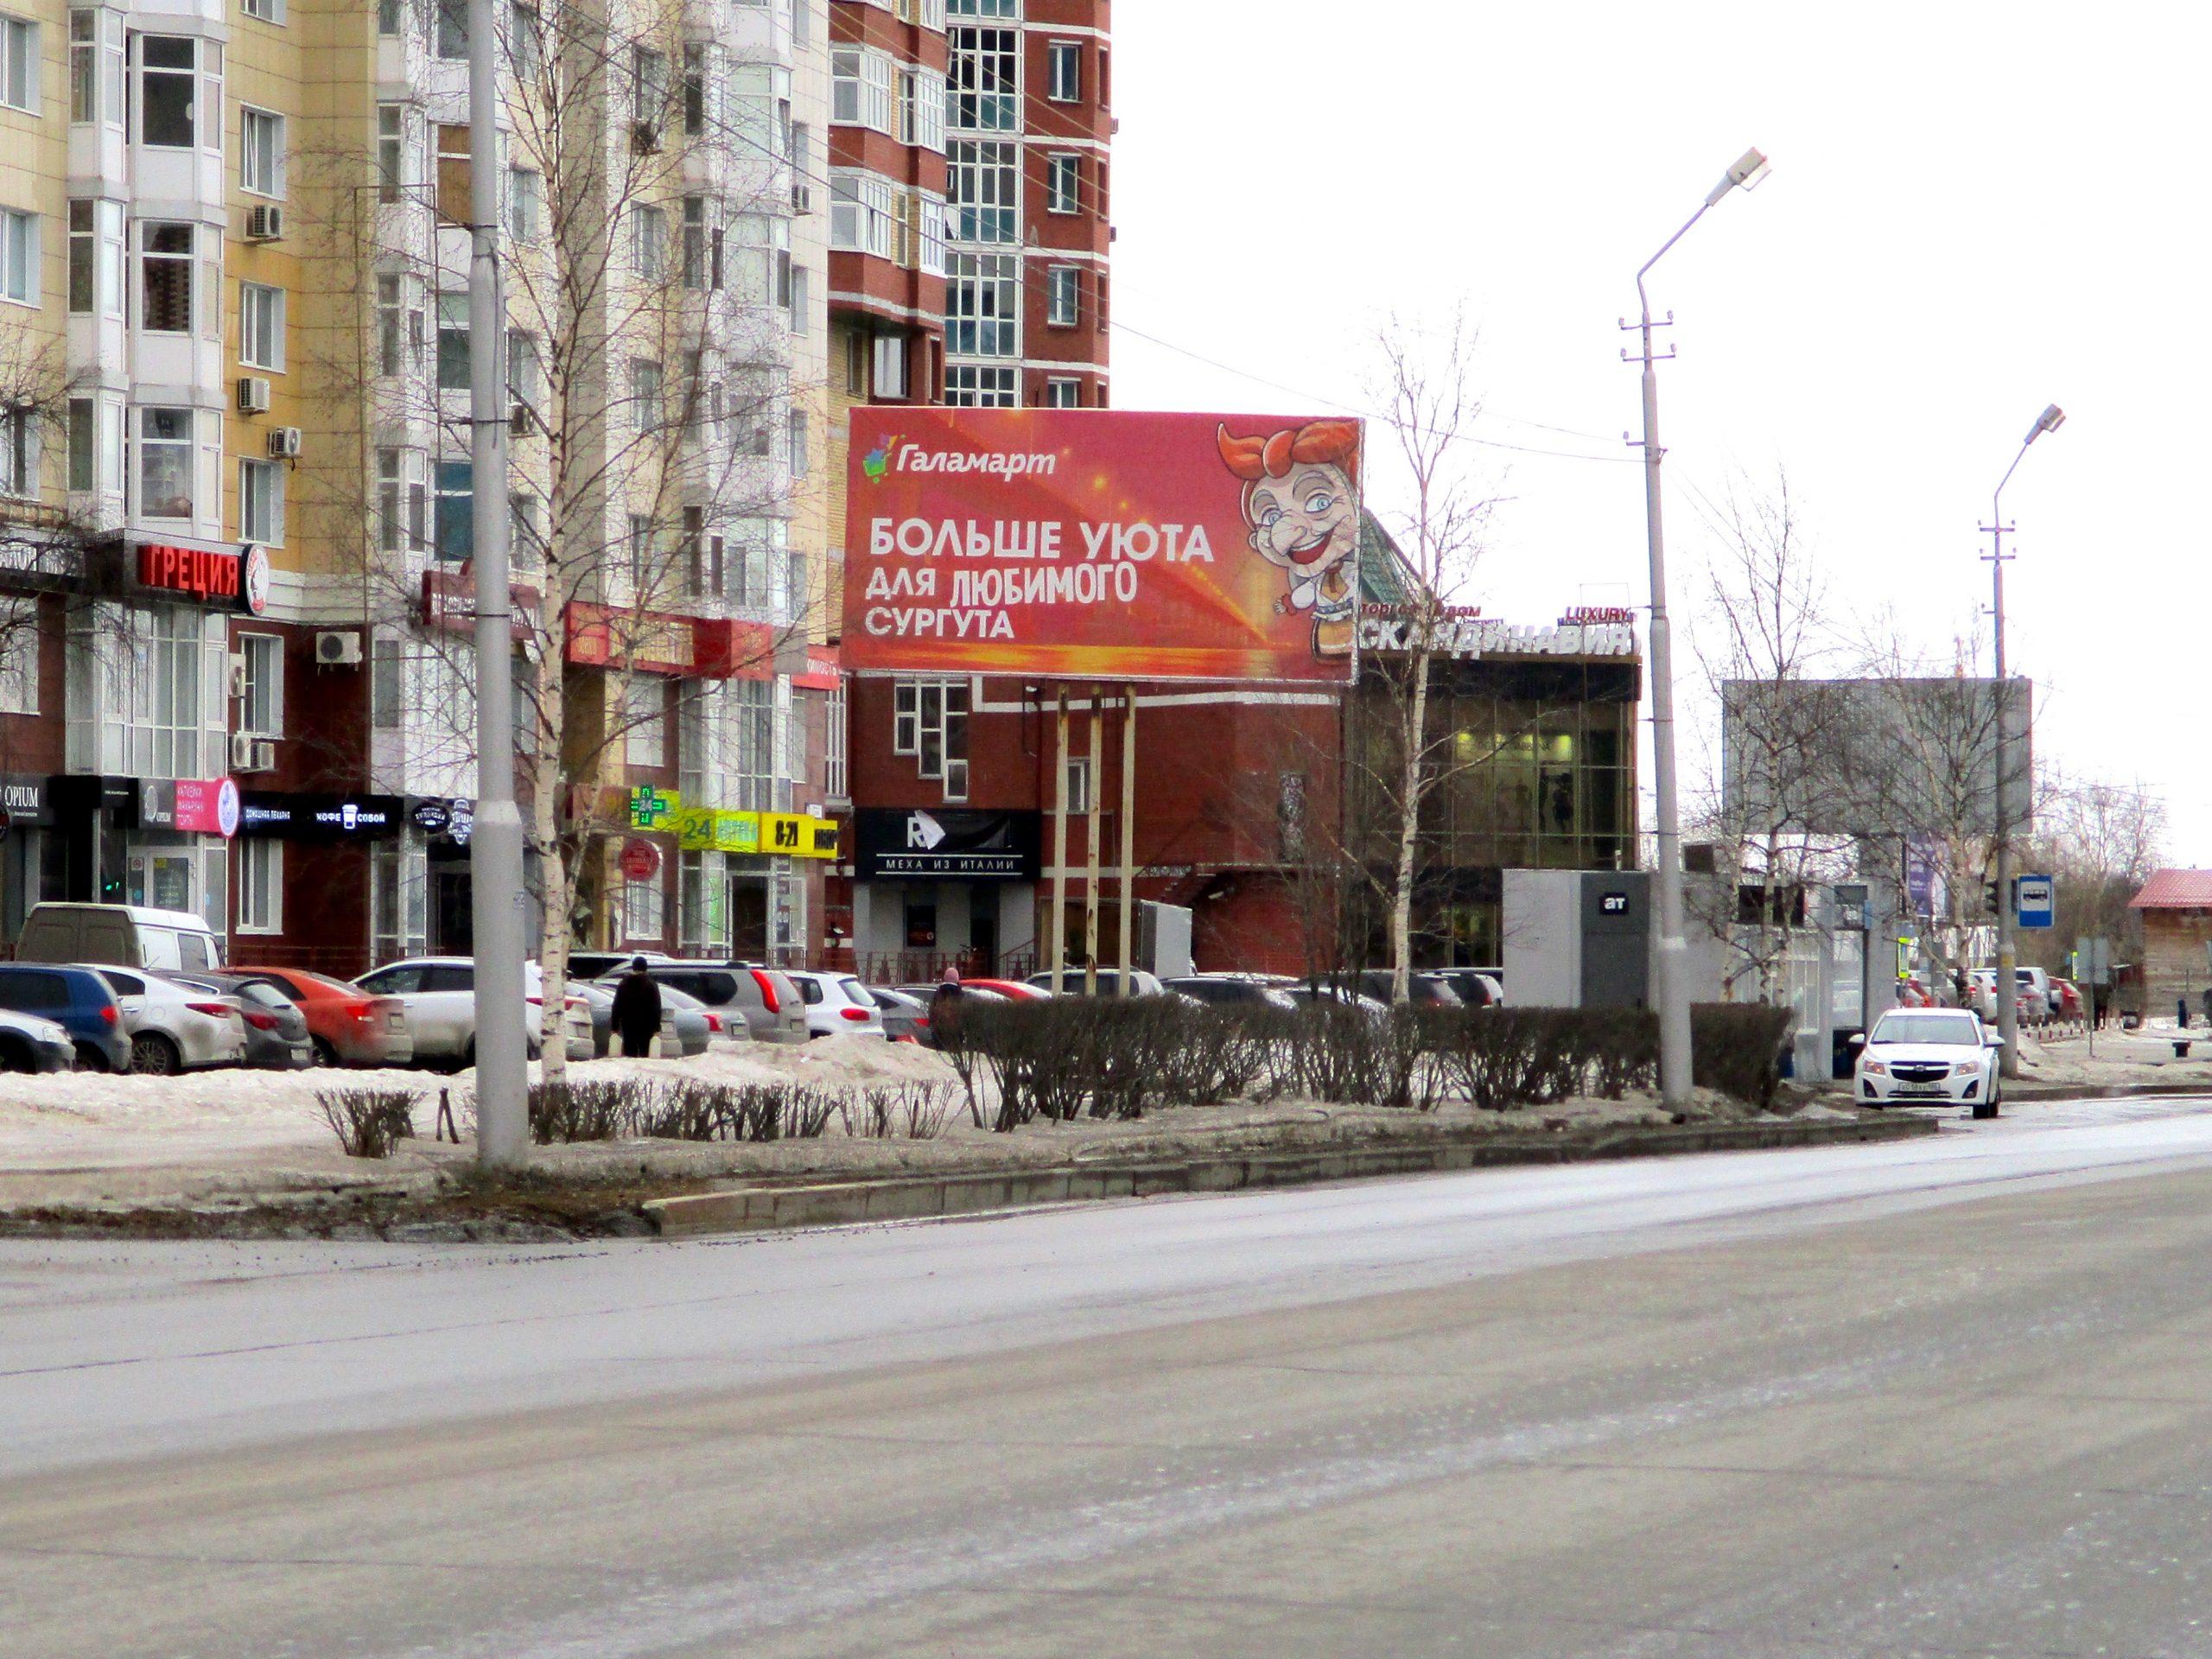 Весенняя кампания для Галамарт в Сургуте и Нижневартовске